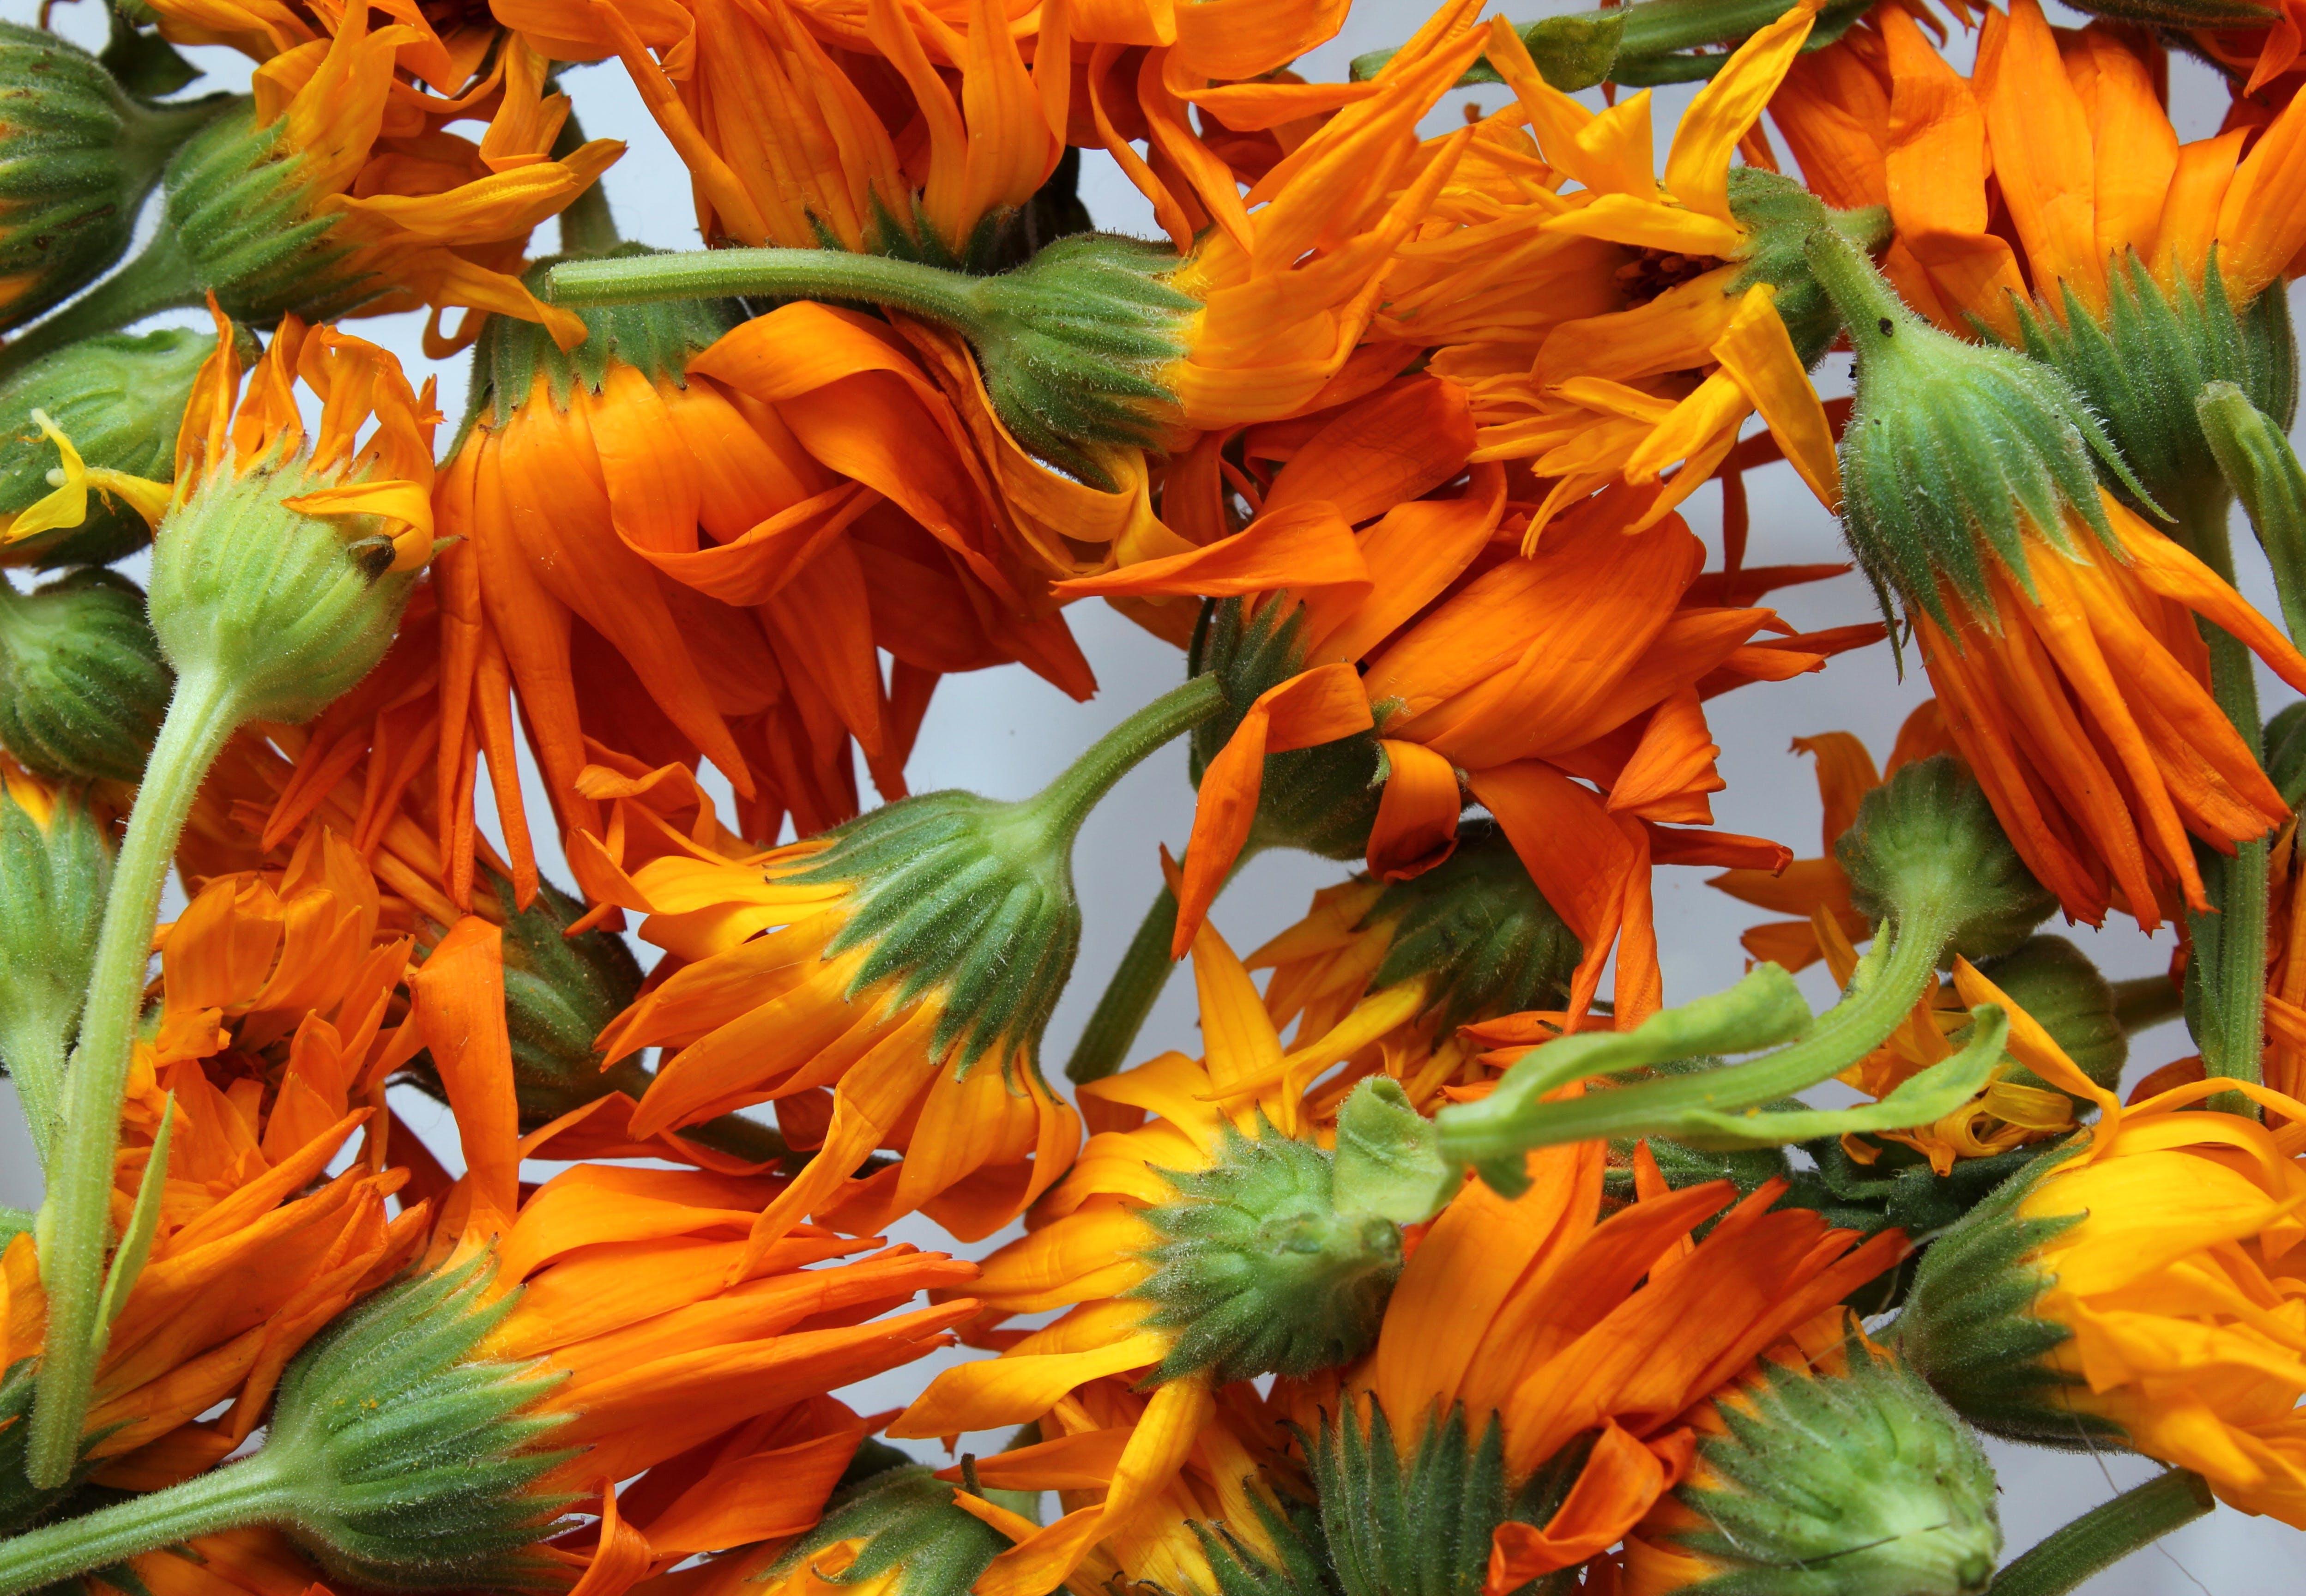 Free stock photo of aromatherapy, beautiful flowers, calendula, calendula officinalis